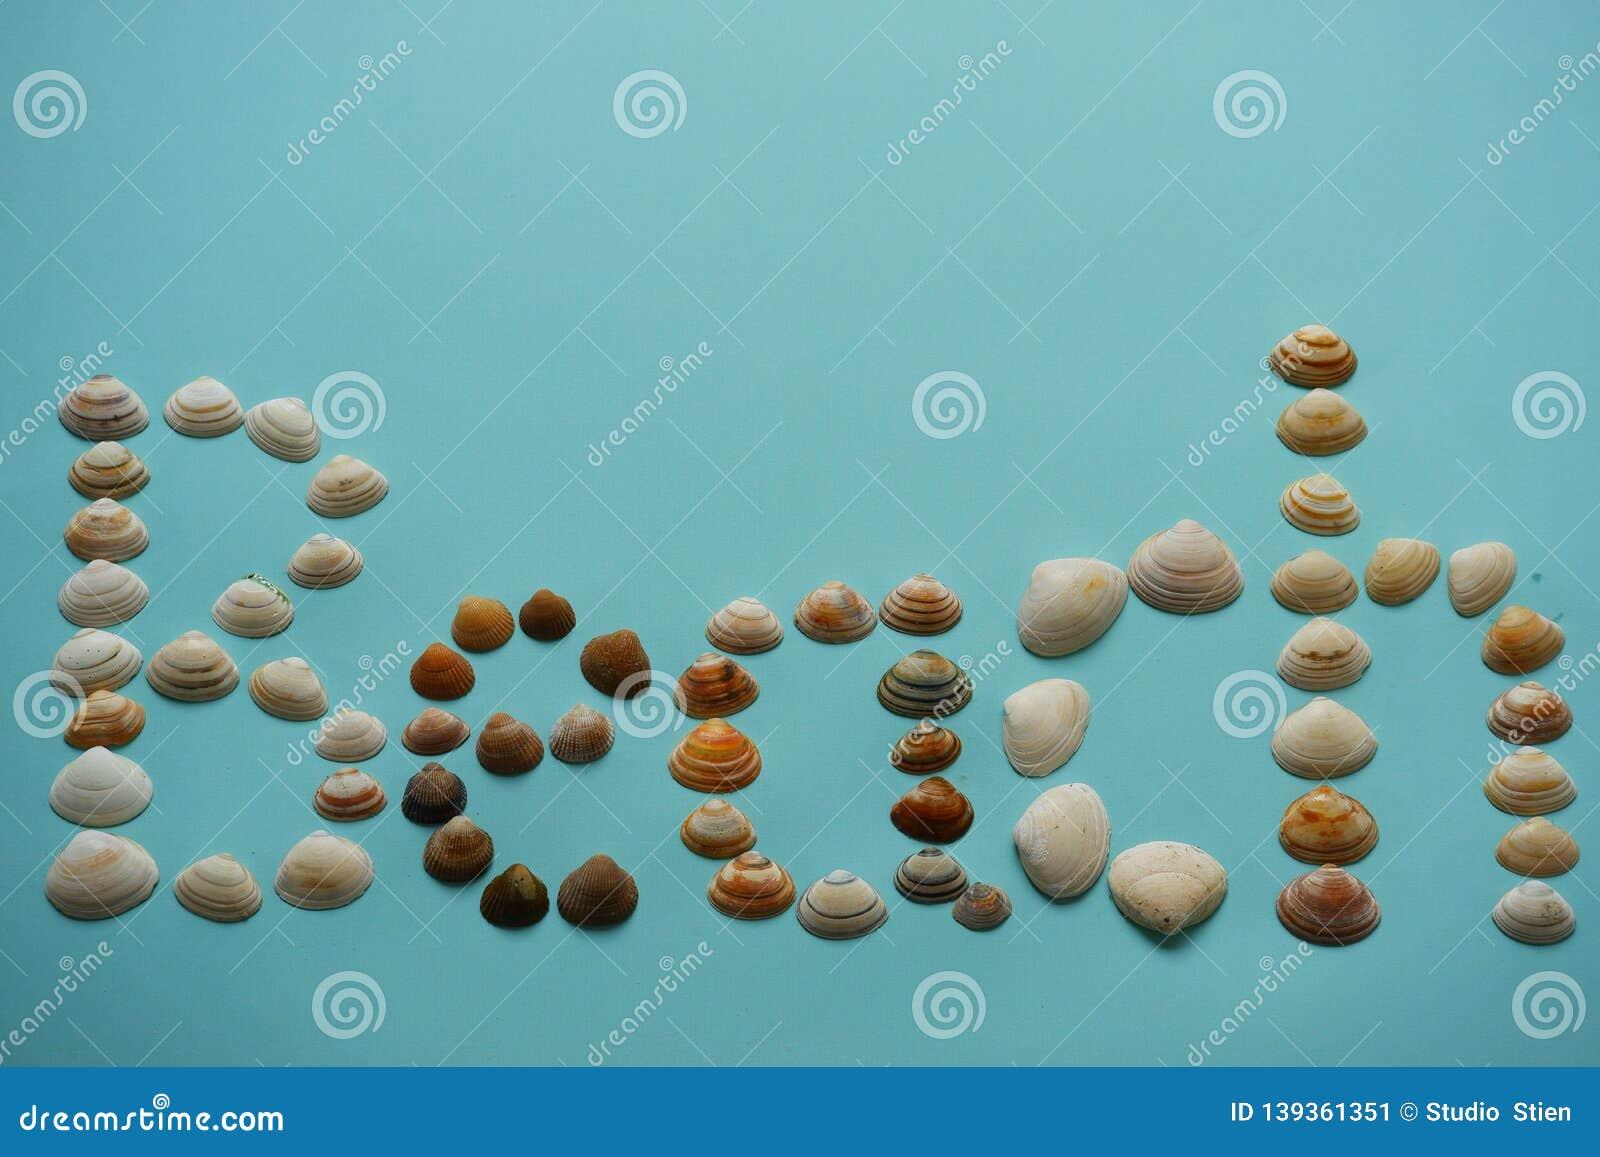 Tekststrand met zeeschelpen blauwe achtergrond die wordt gemaakt